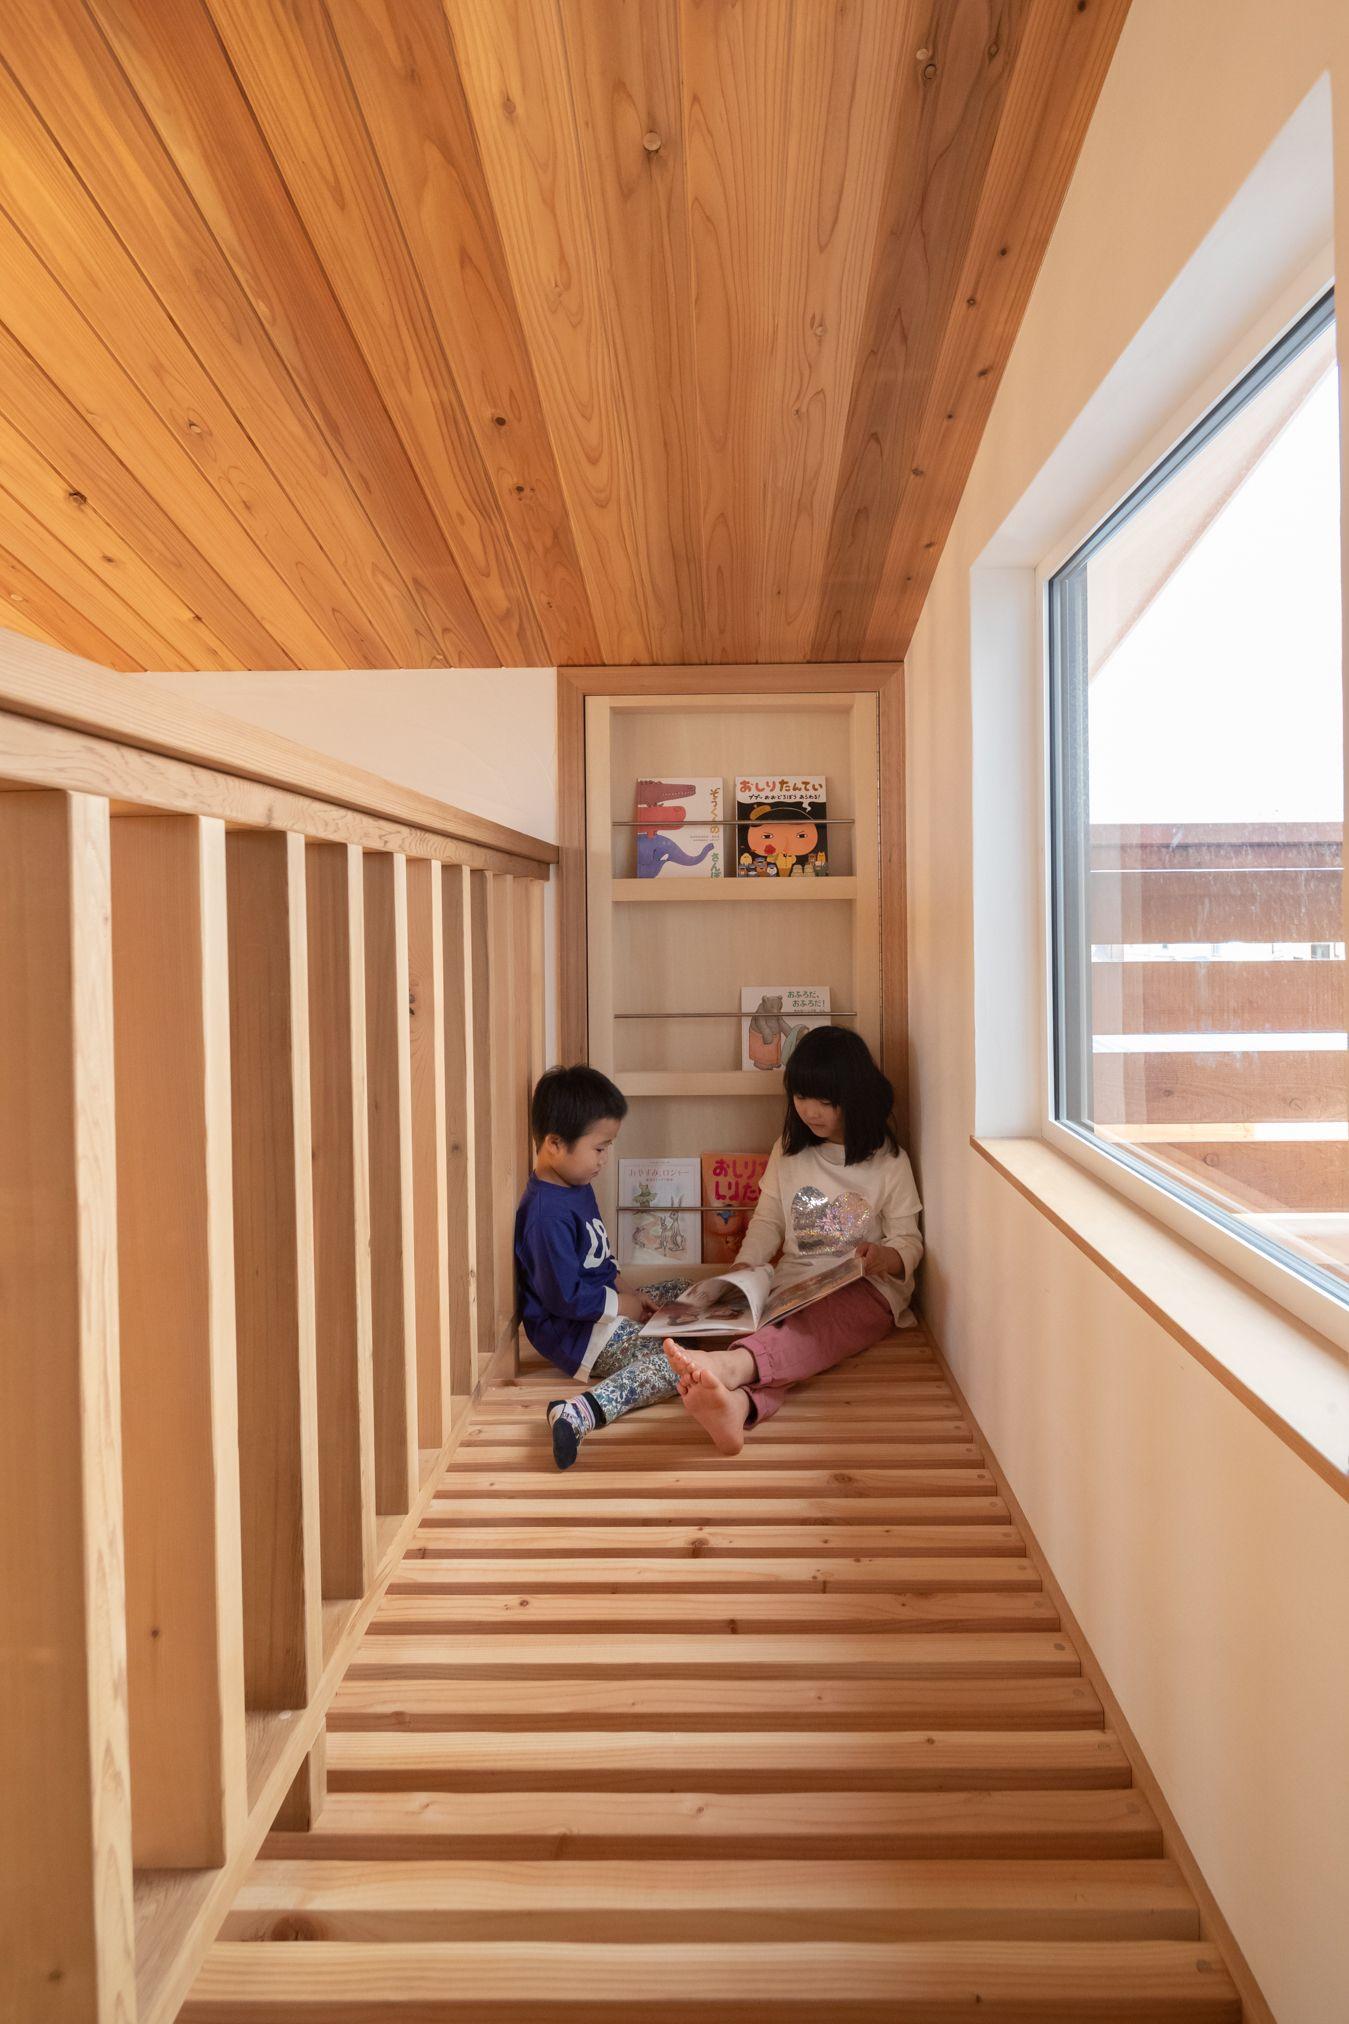 高台に建つ和モダンハウス 閉じられたデッキでハンモックを愉しむ家